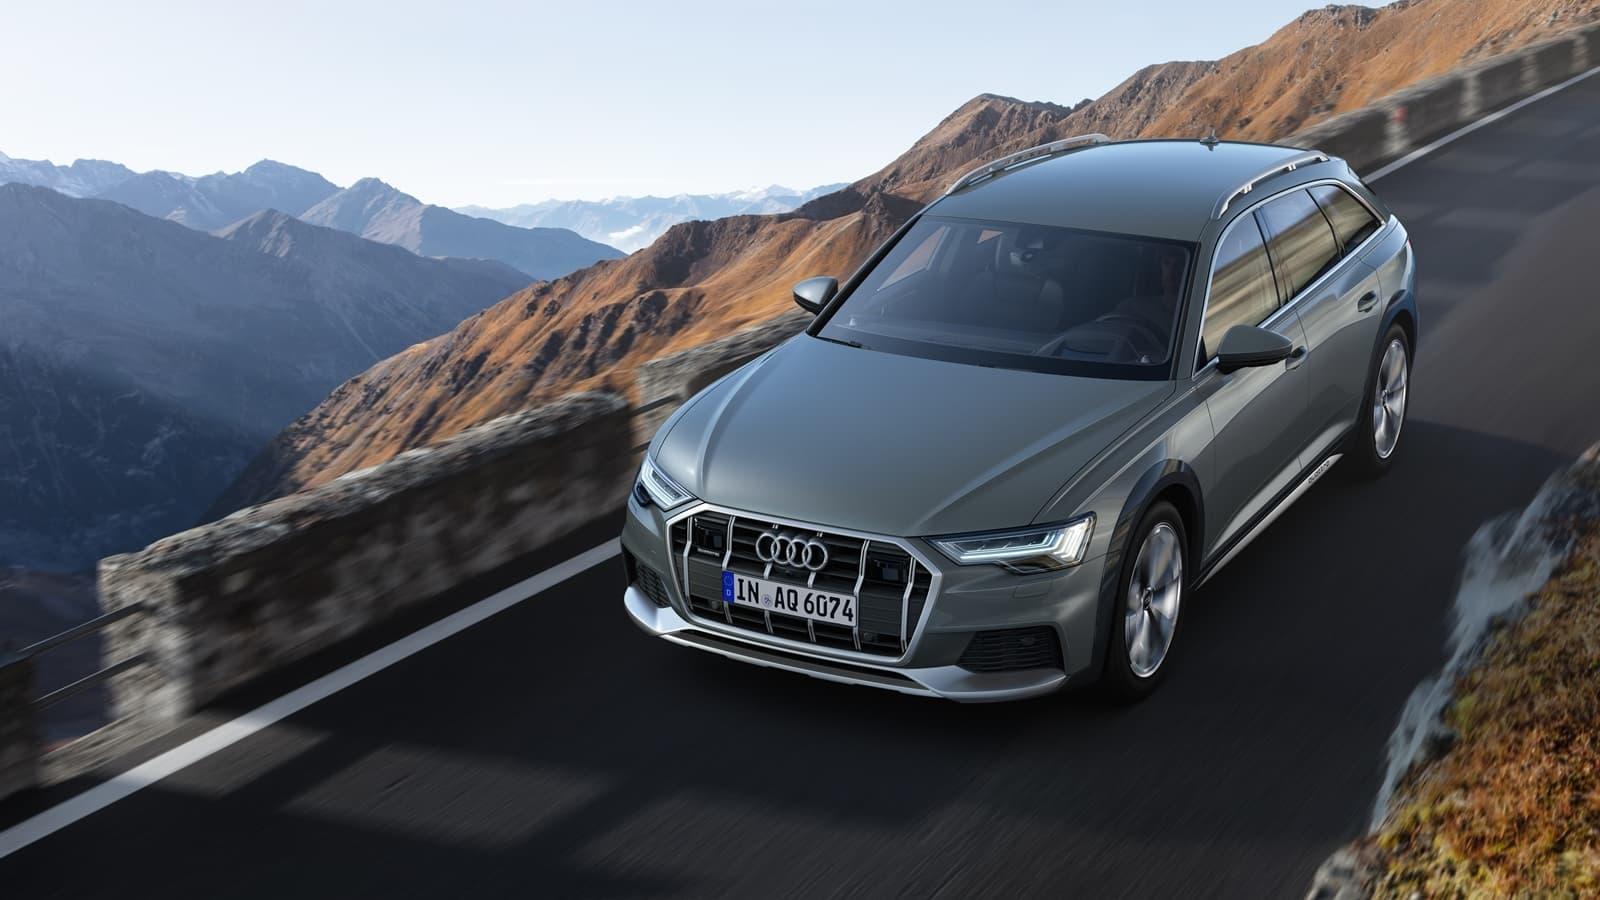 Audi A6 Allroad 2019 0619 007